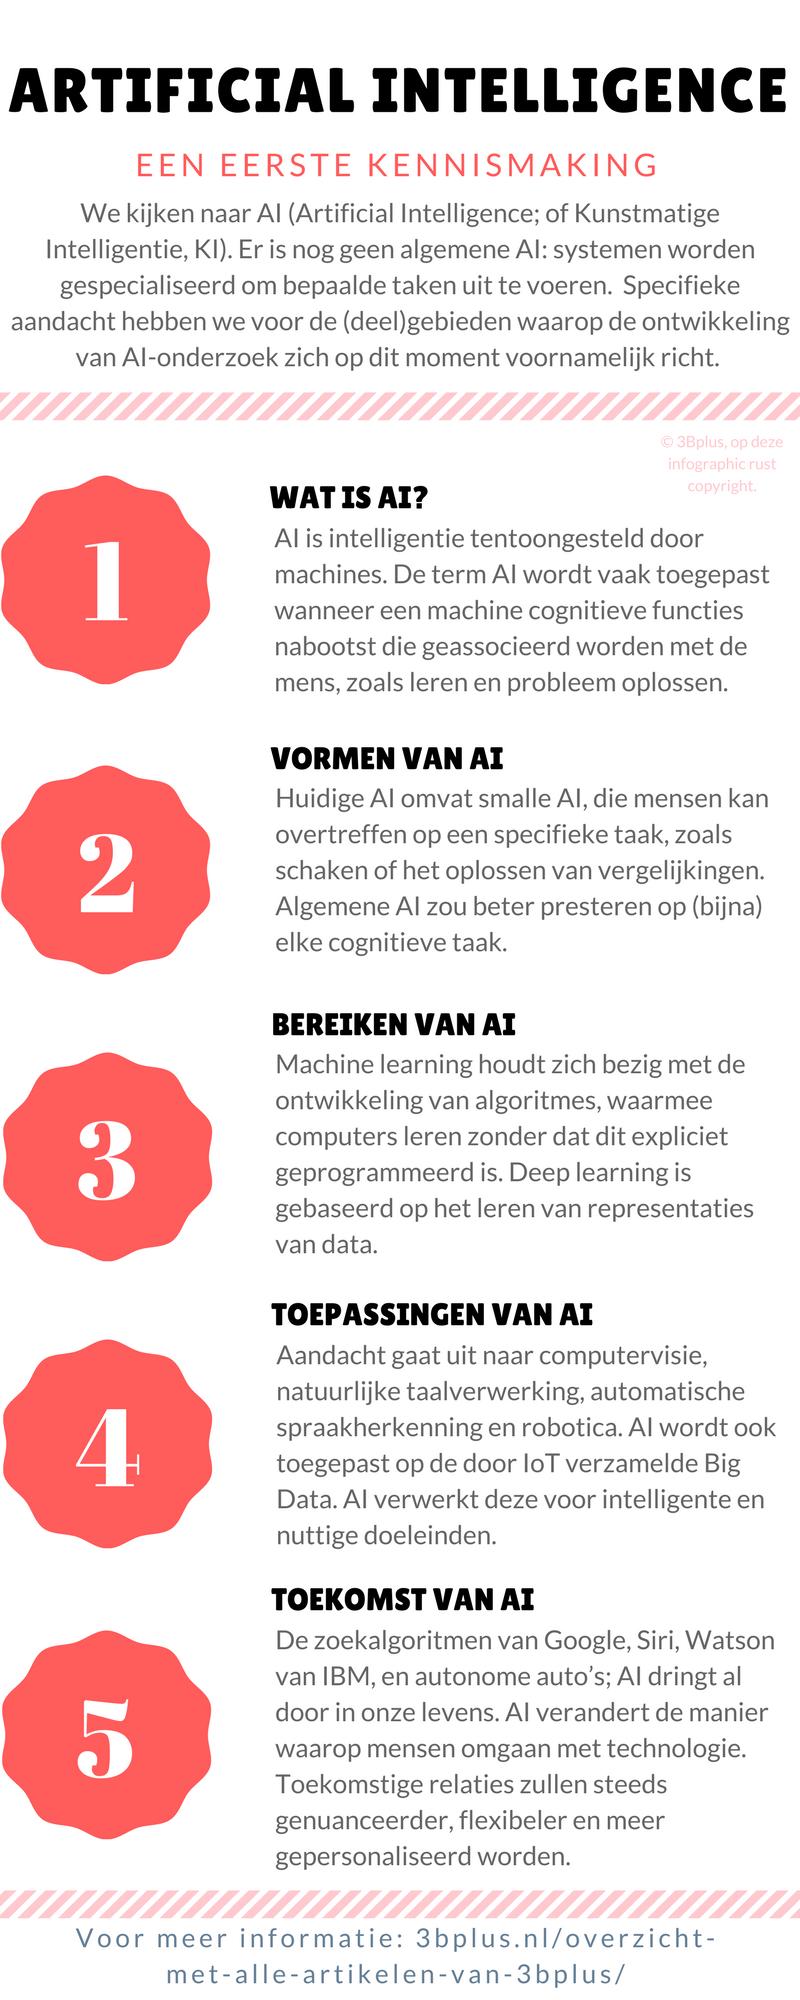 Infographic: een eerste kennismaking met AI